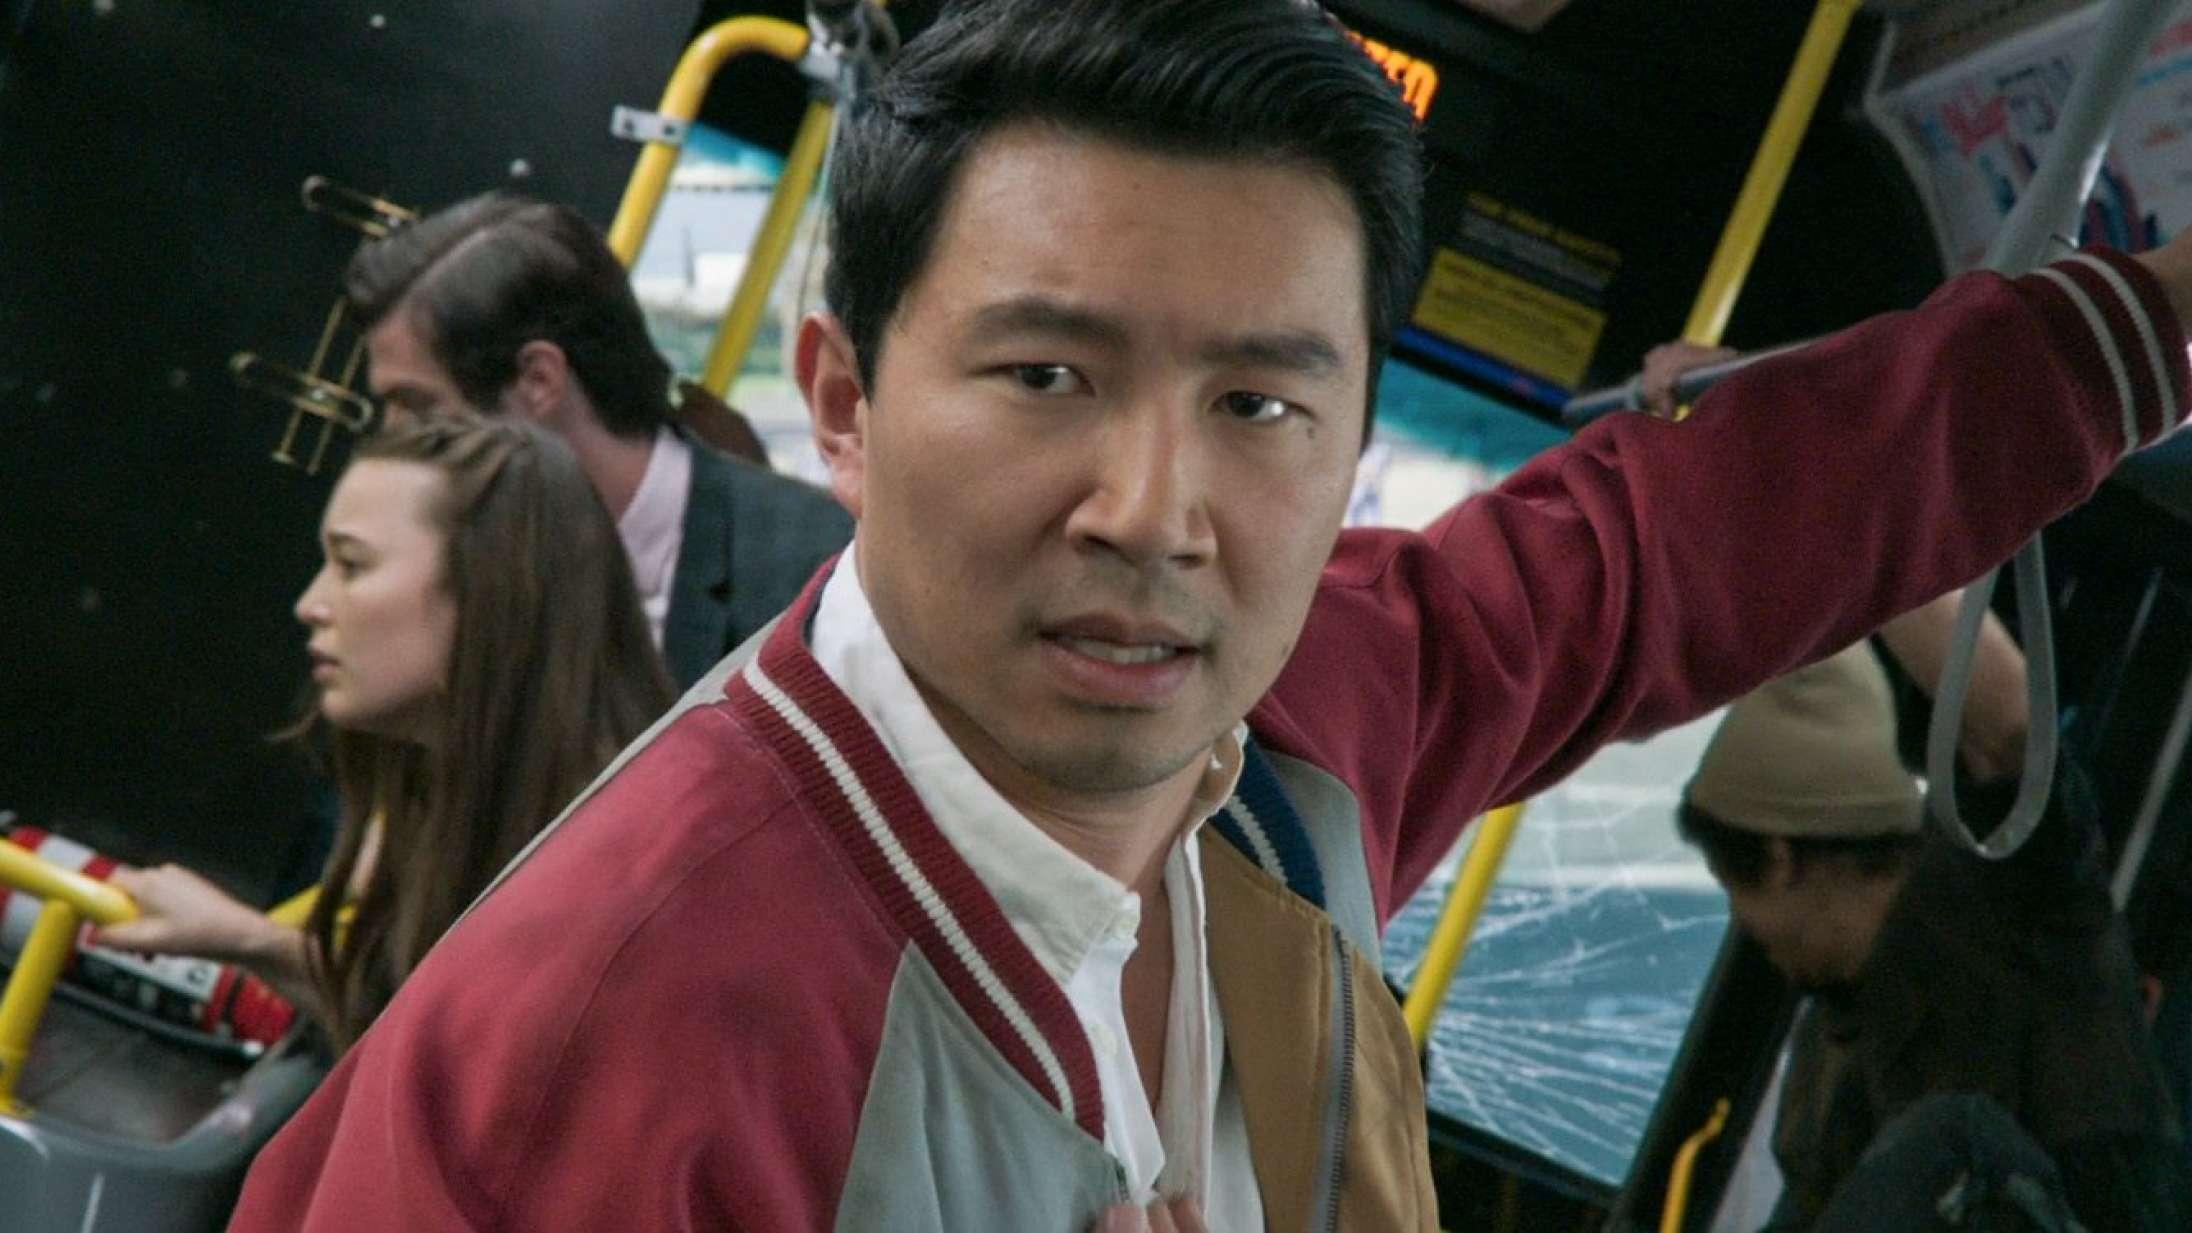 'Shang-Chi and the Legend of the Ten Rings': Skurken og kampscenerne er de store trækplastre i ny Marvel-film